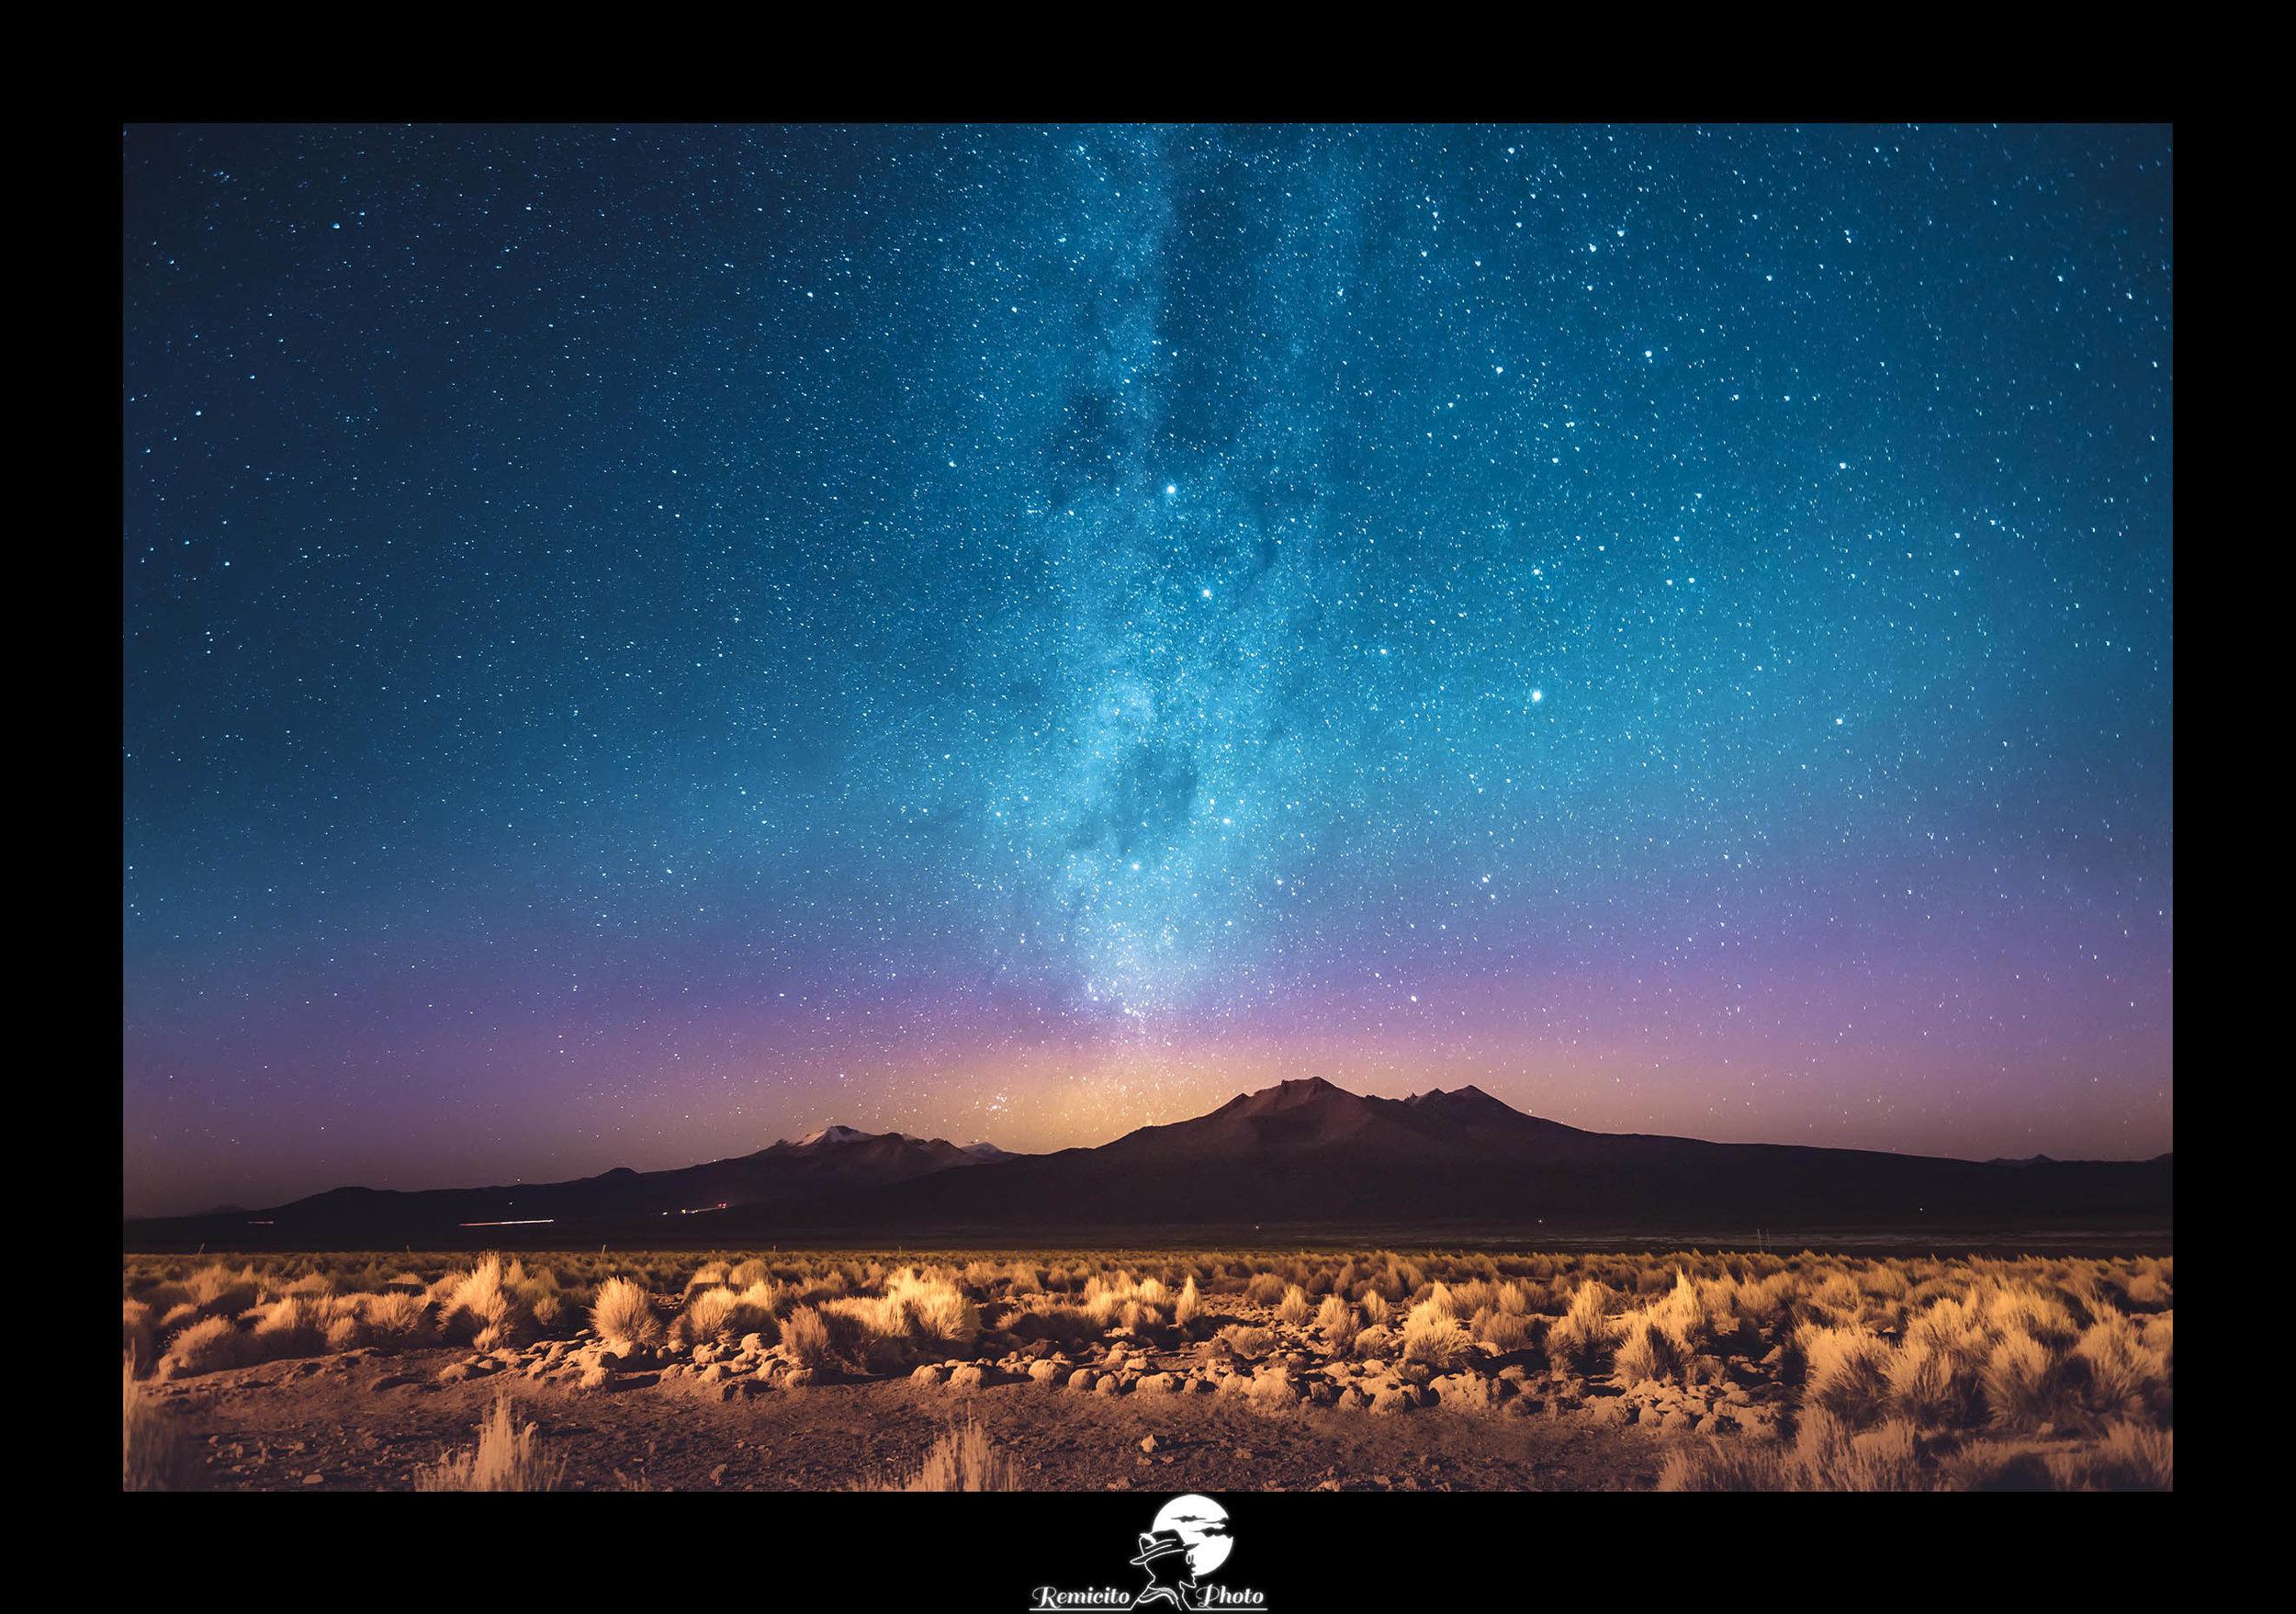 remicito photo, remicito, image du jour, photo du jour, photo of the day, night sky bolivia, photo voie lactée amérique du sud, idée cadeau, idée déco, belle photo